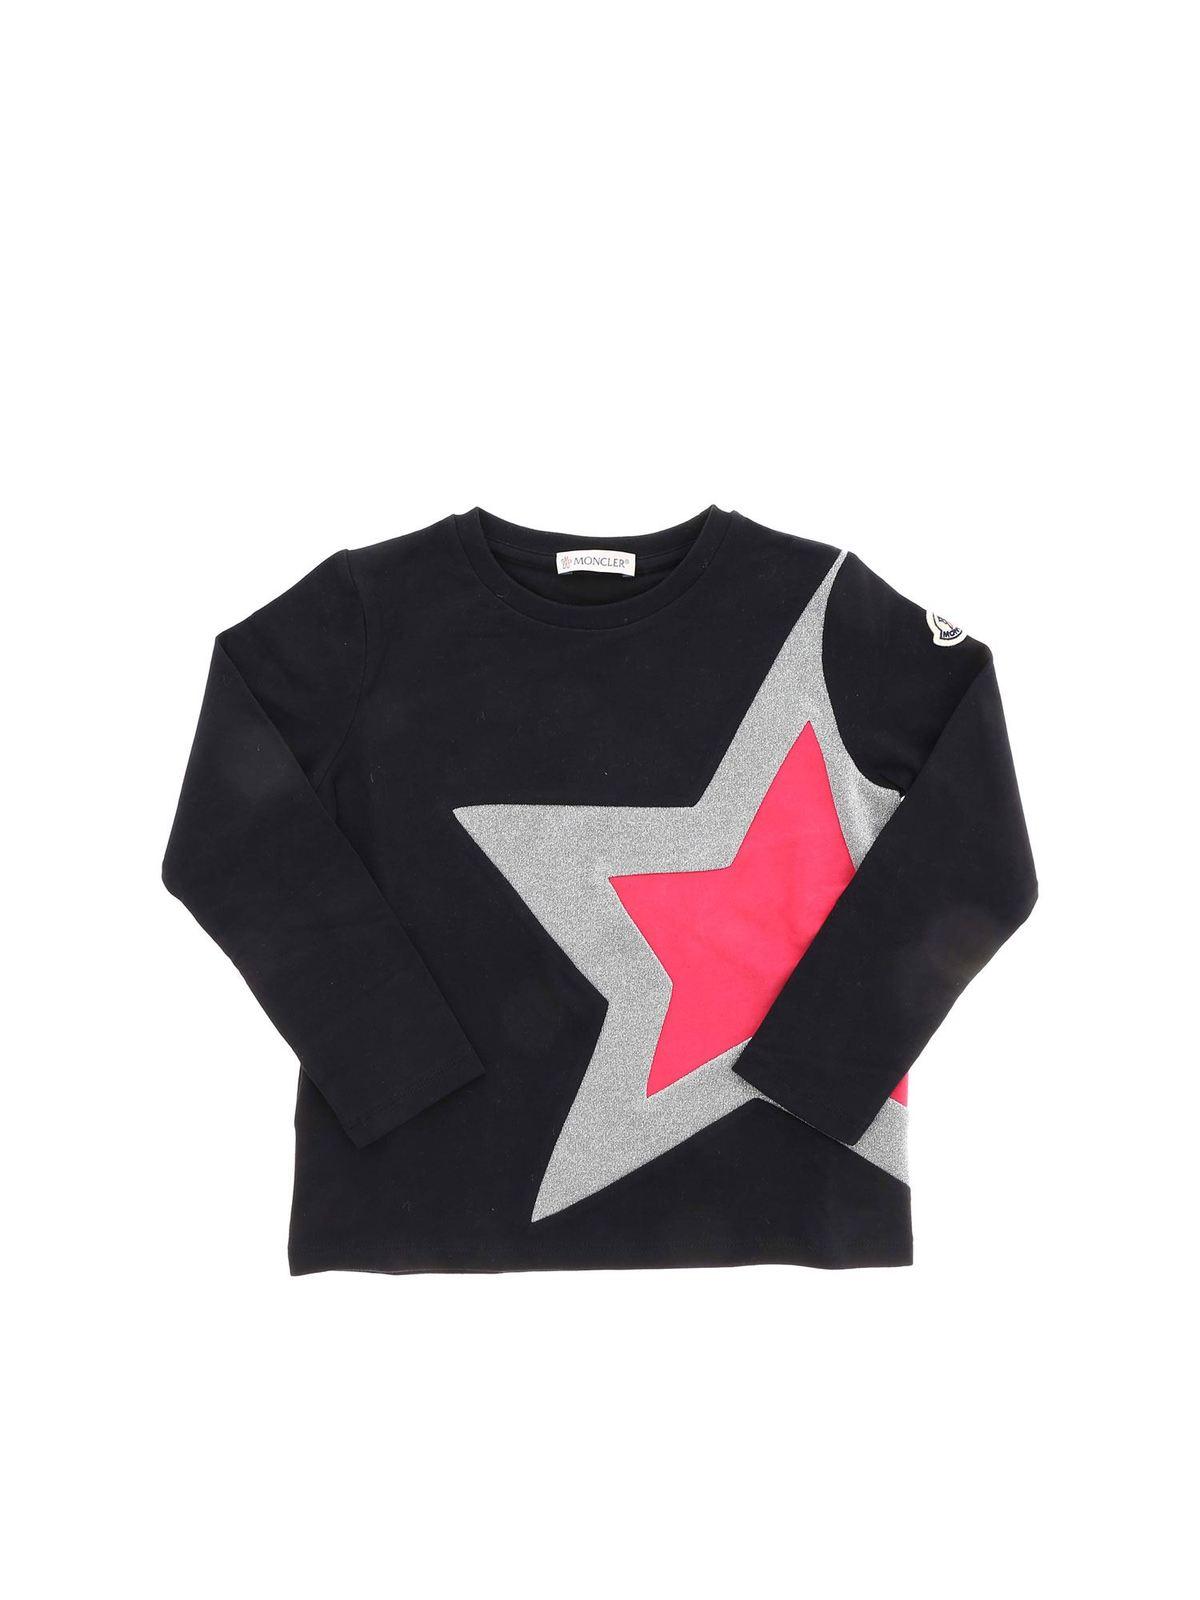 MONCLER JR STAR LONG-SLEEVED T-SHIRT IN BLACK